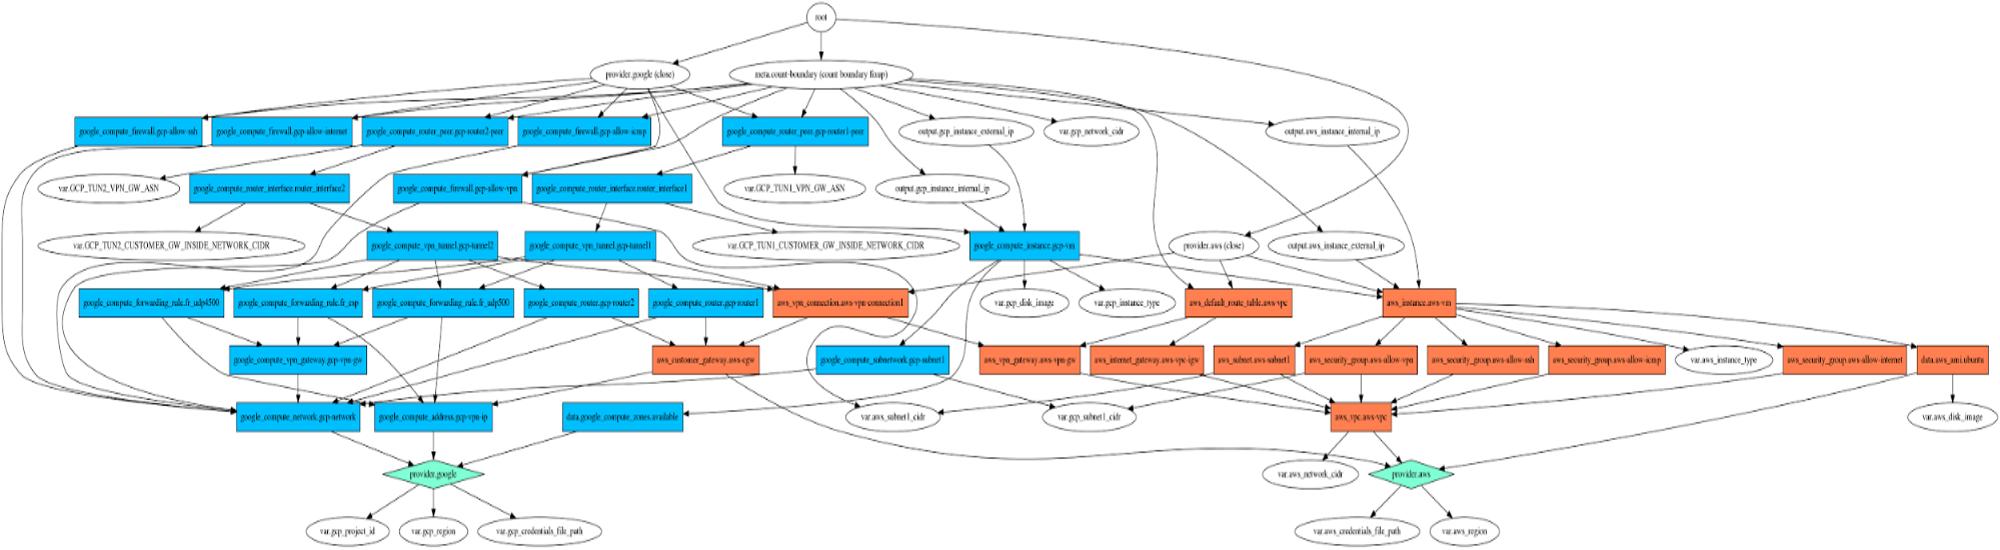 plan_graph file